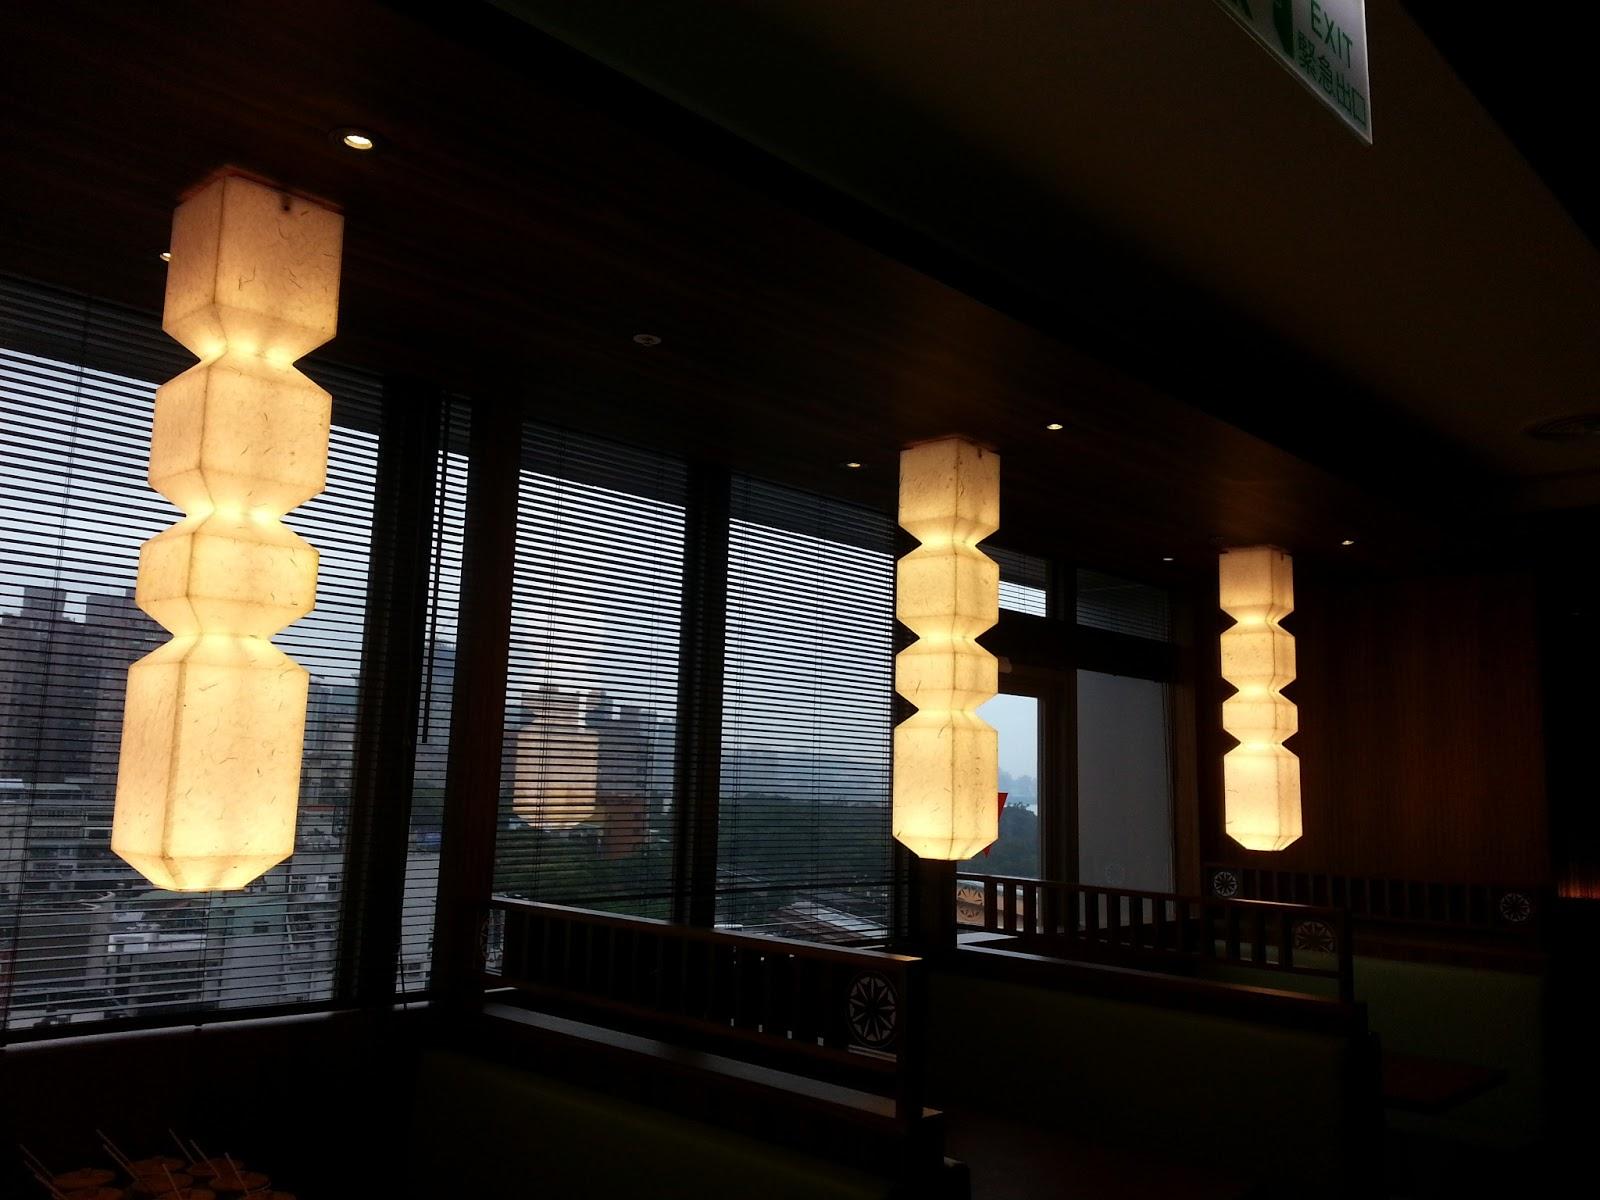 Dinli Lighting 鼎立燈飾有限公司 - 專業訂製燈具: 訂製室內餐廳燈具@勝博殿淡水店